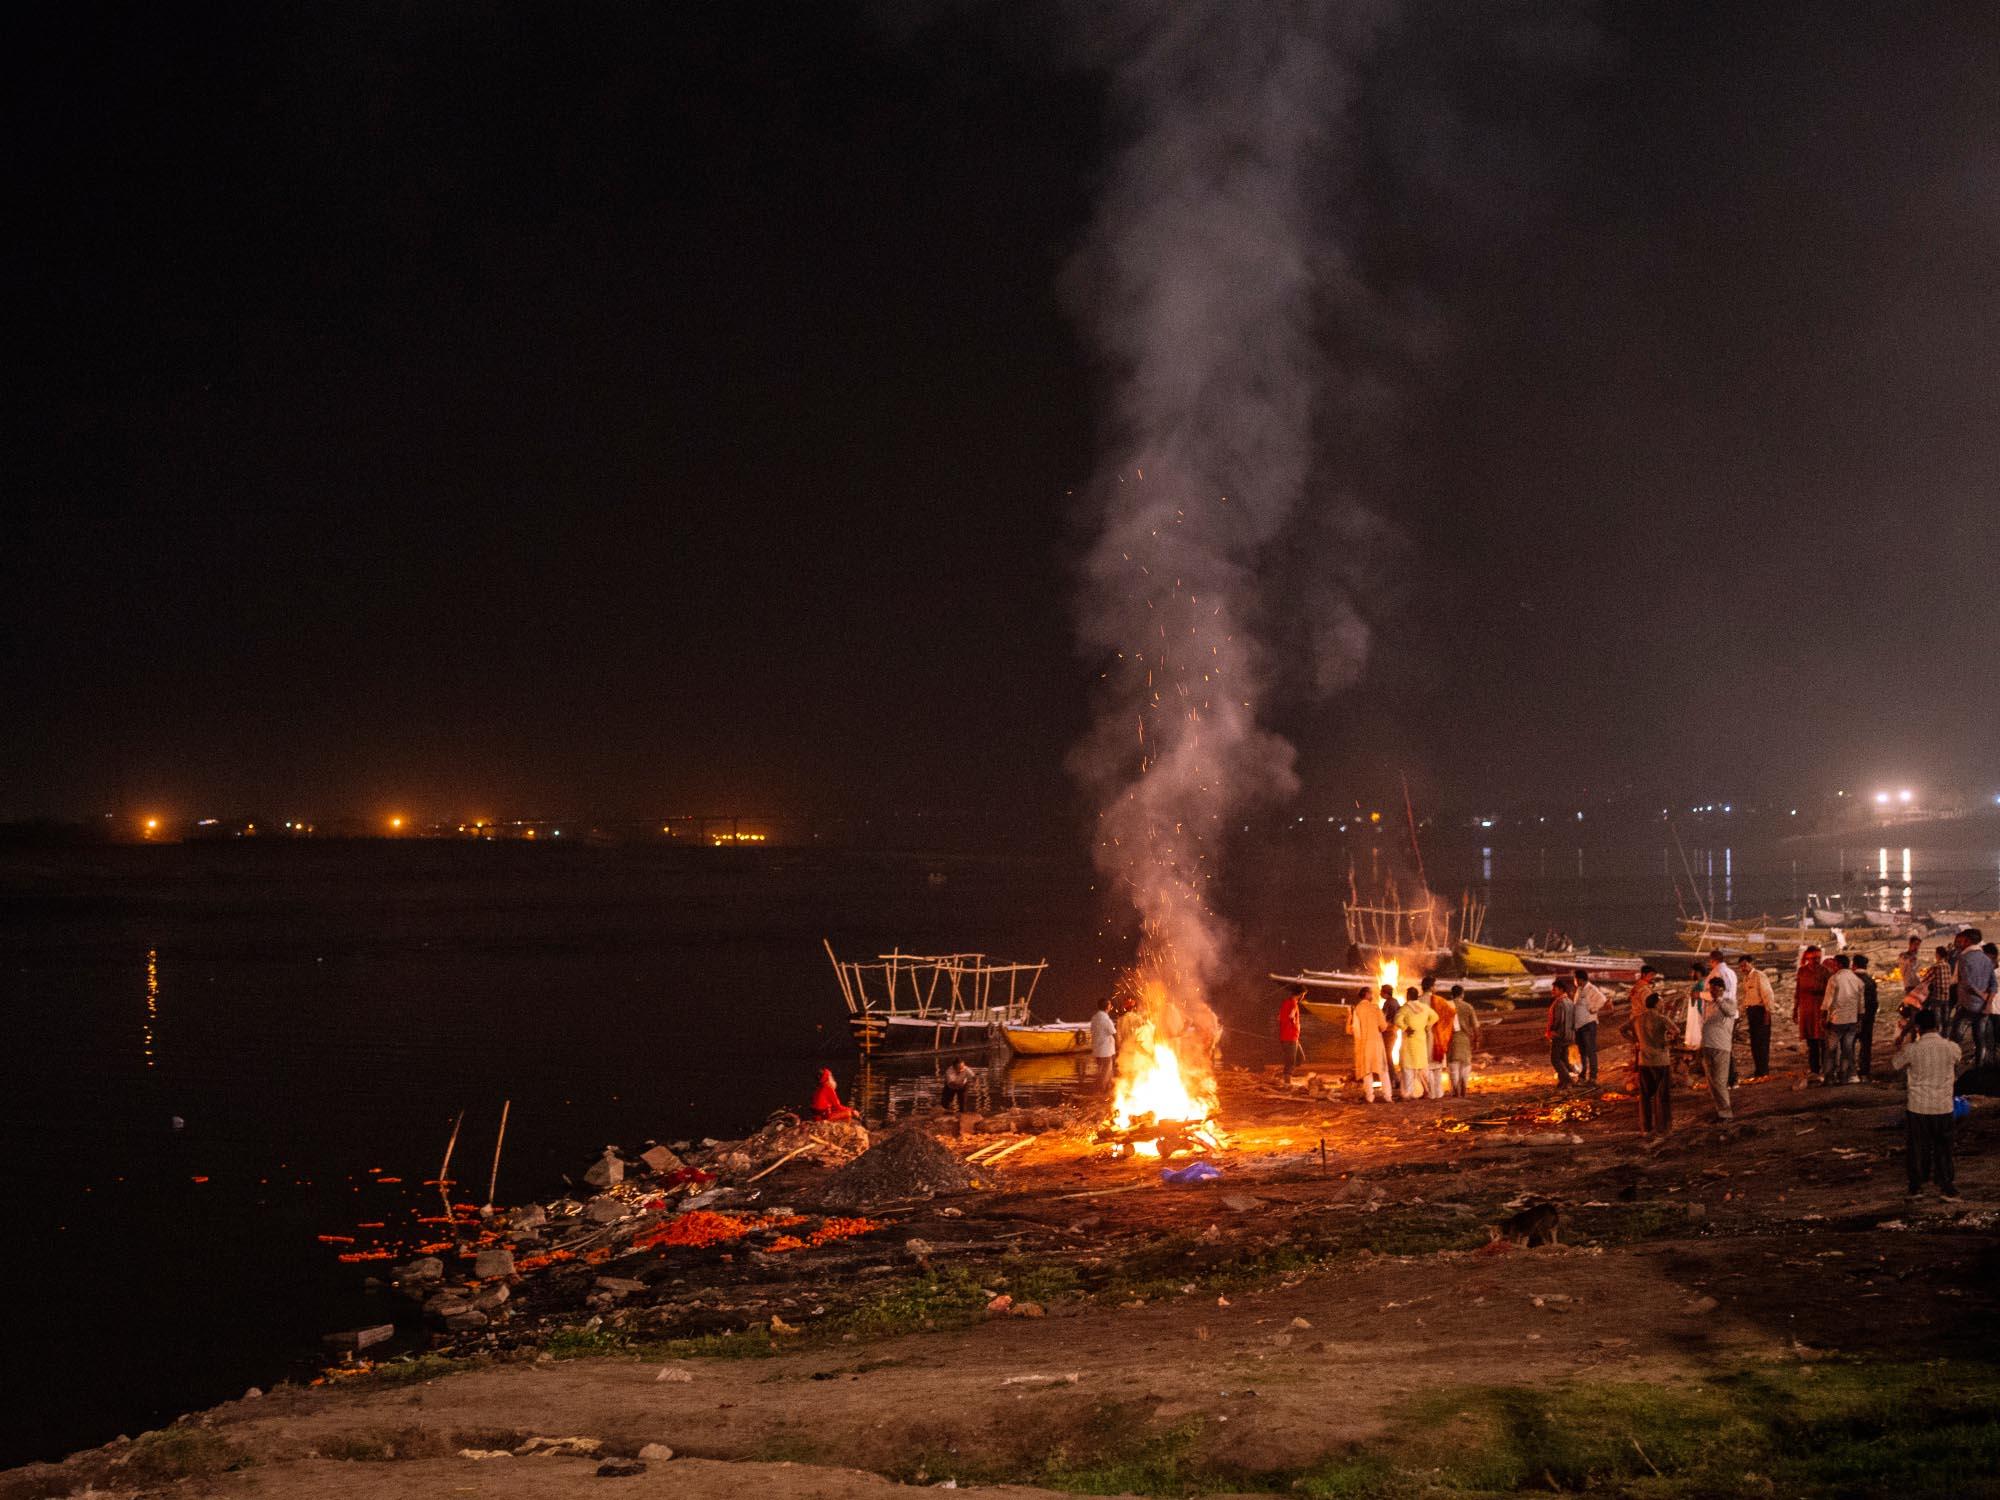 Burning ghat after dark.